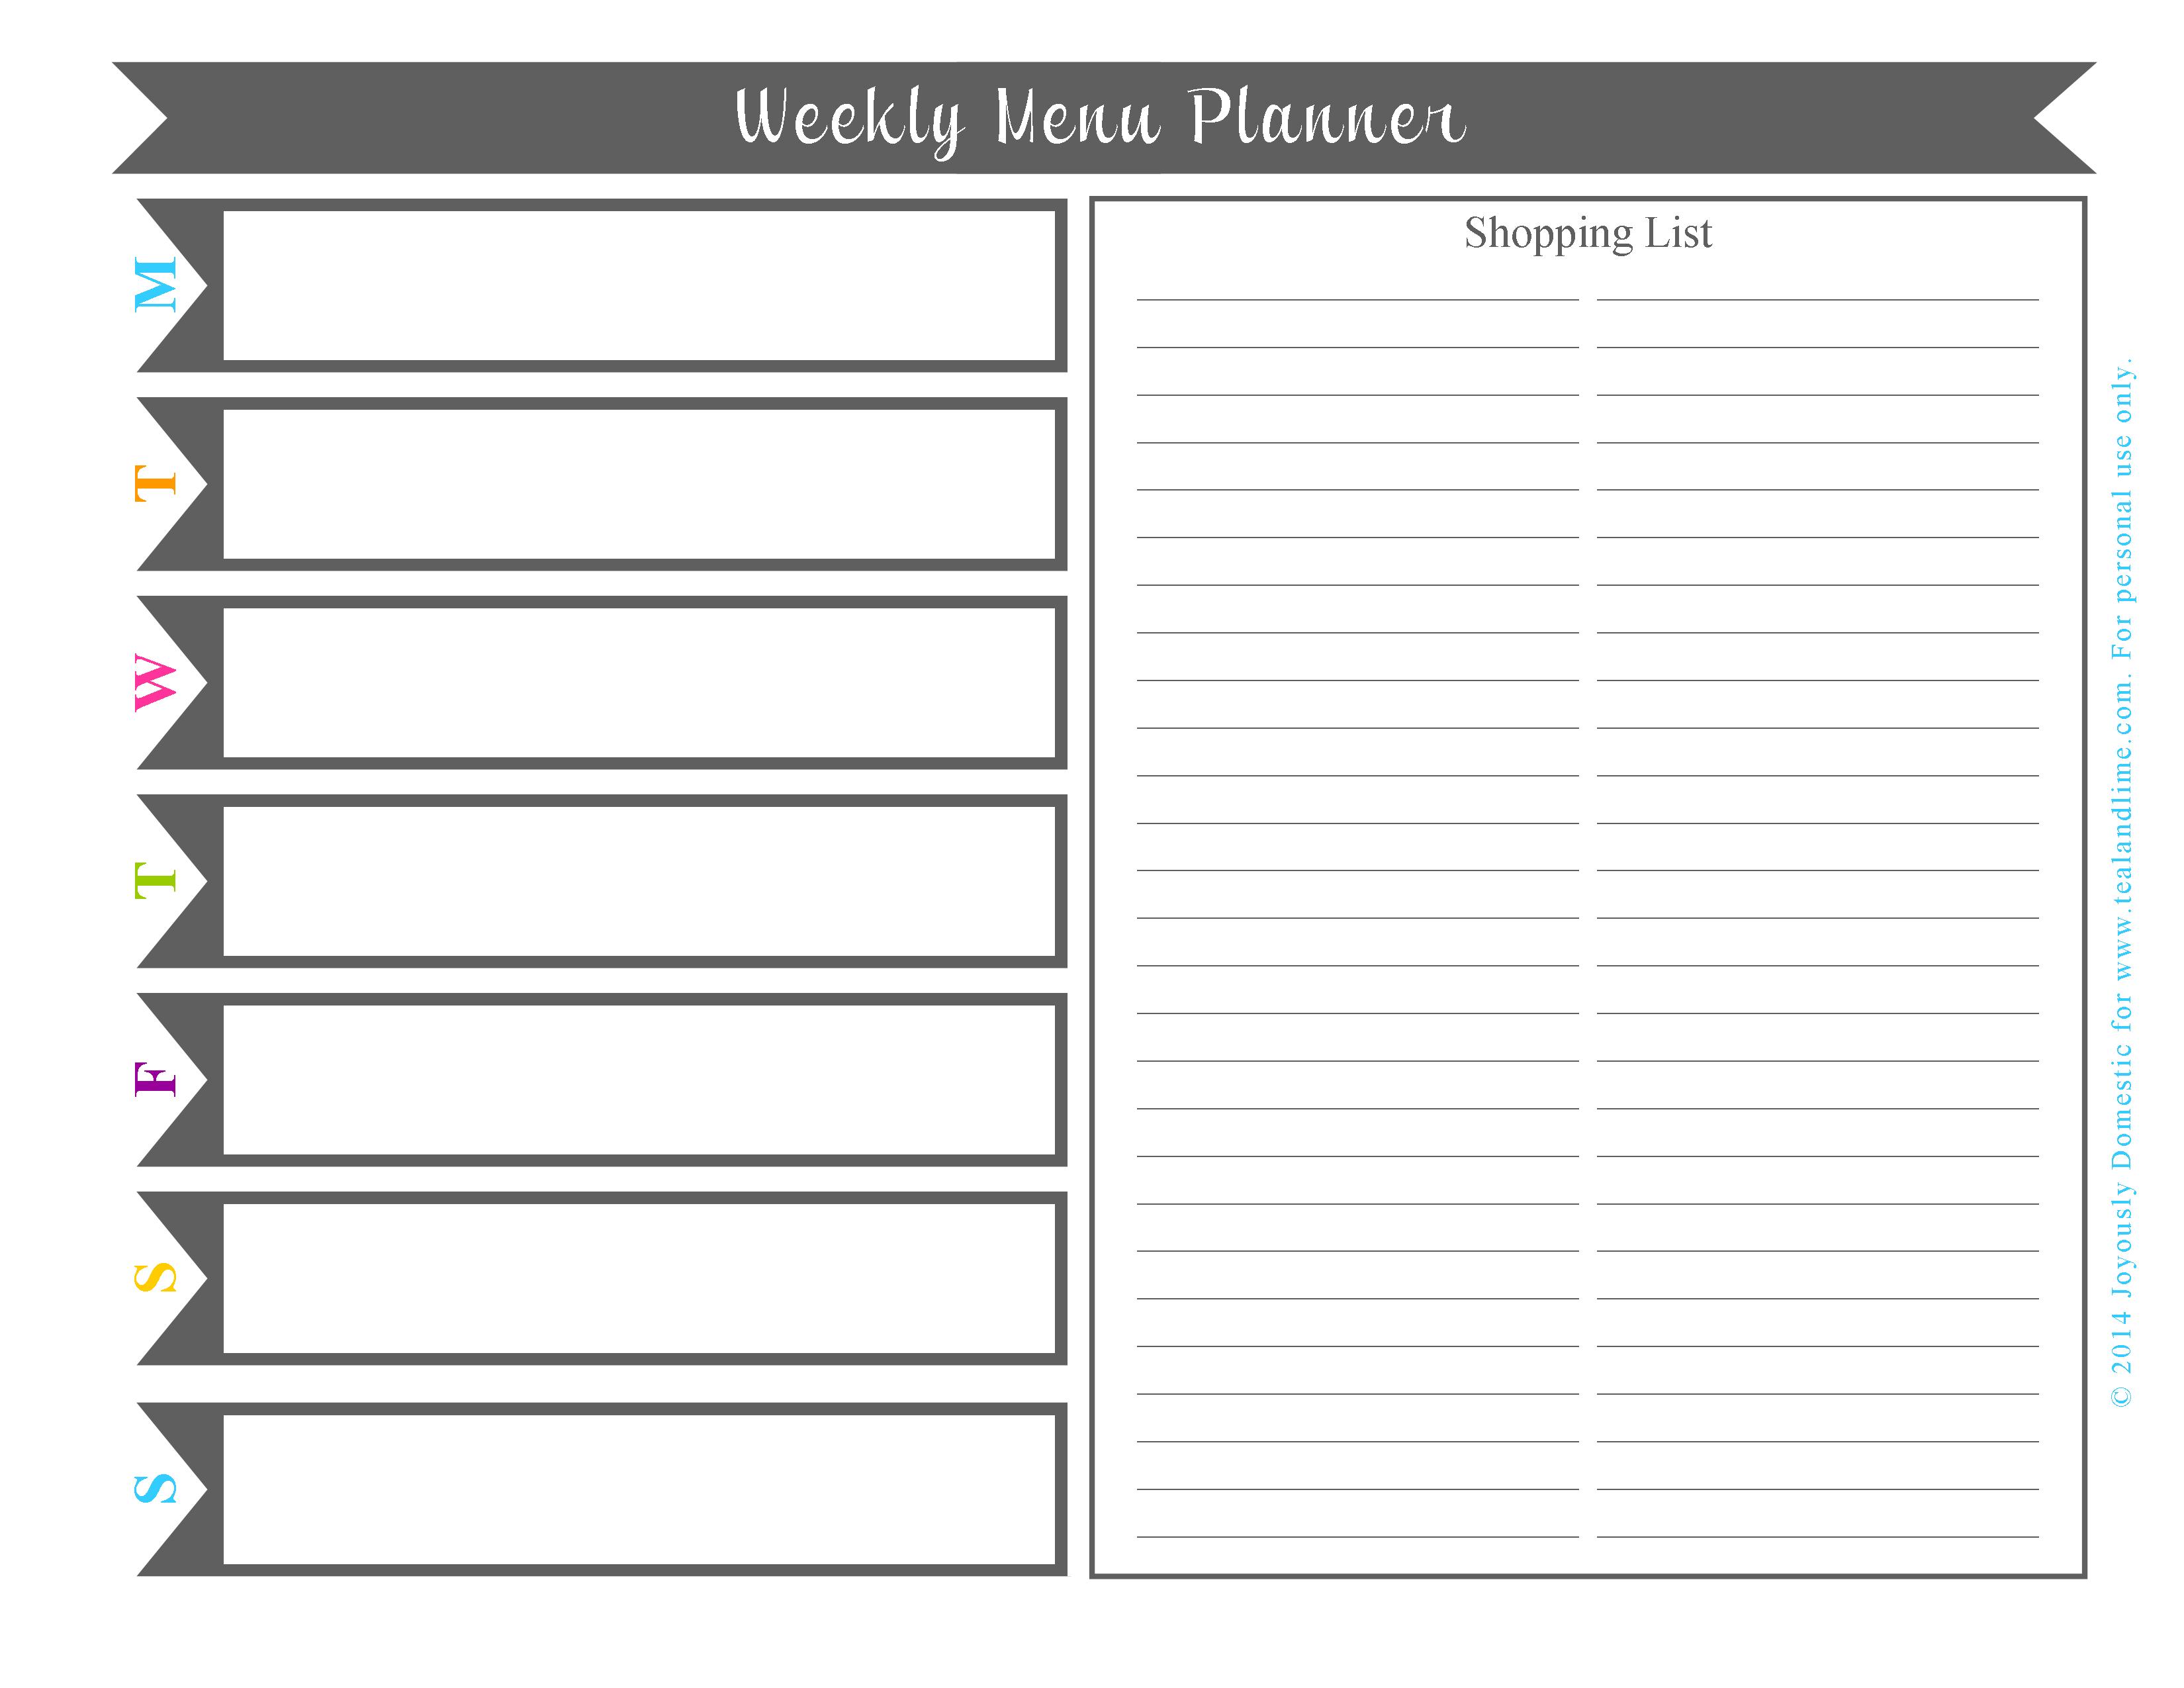 Free Printable Weekly Menu Planner Template